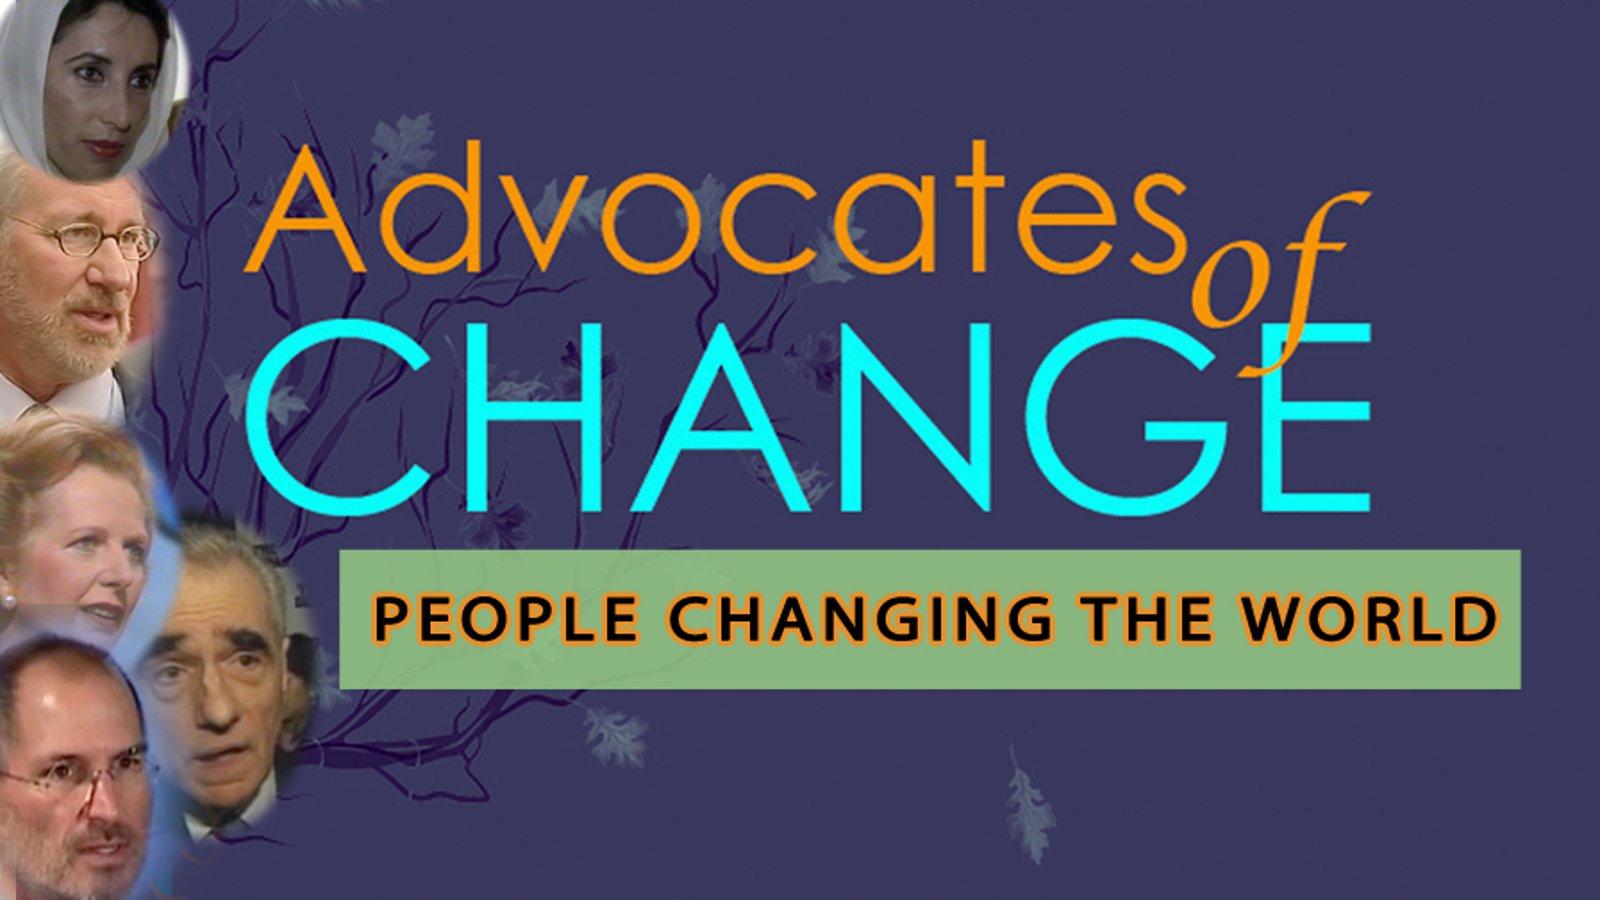 Advocates of Change